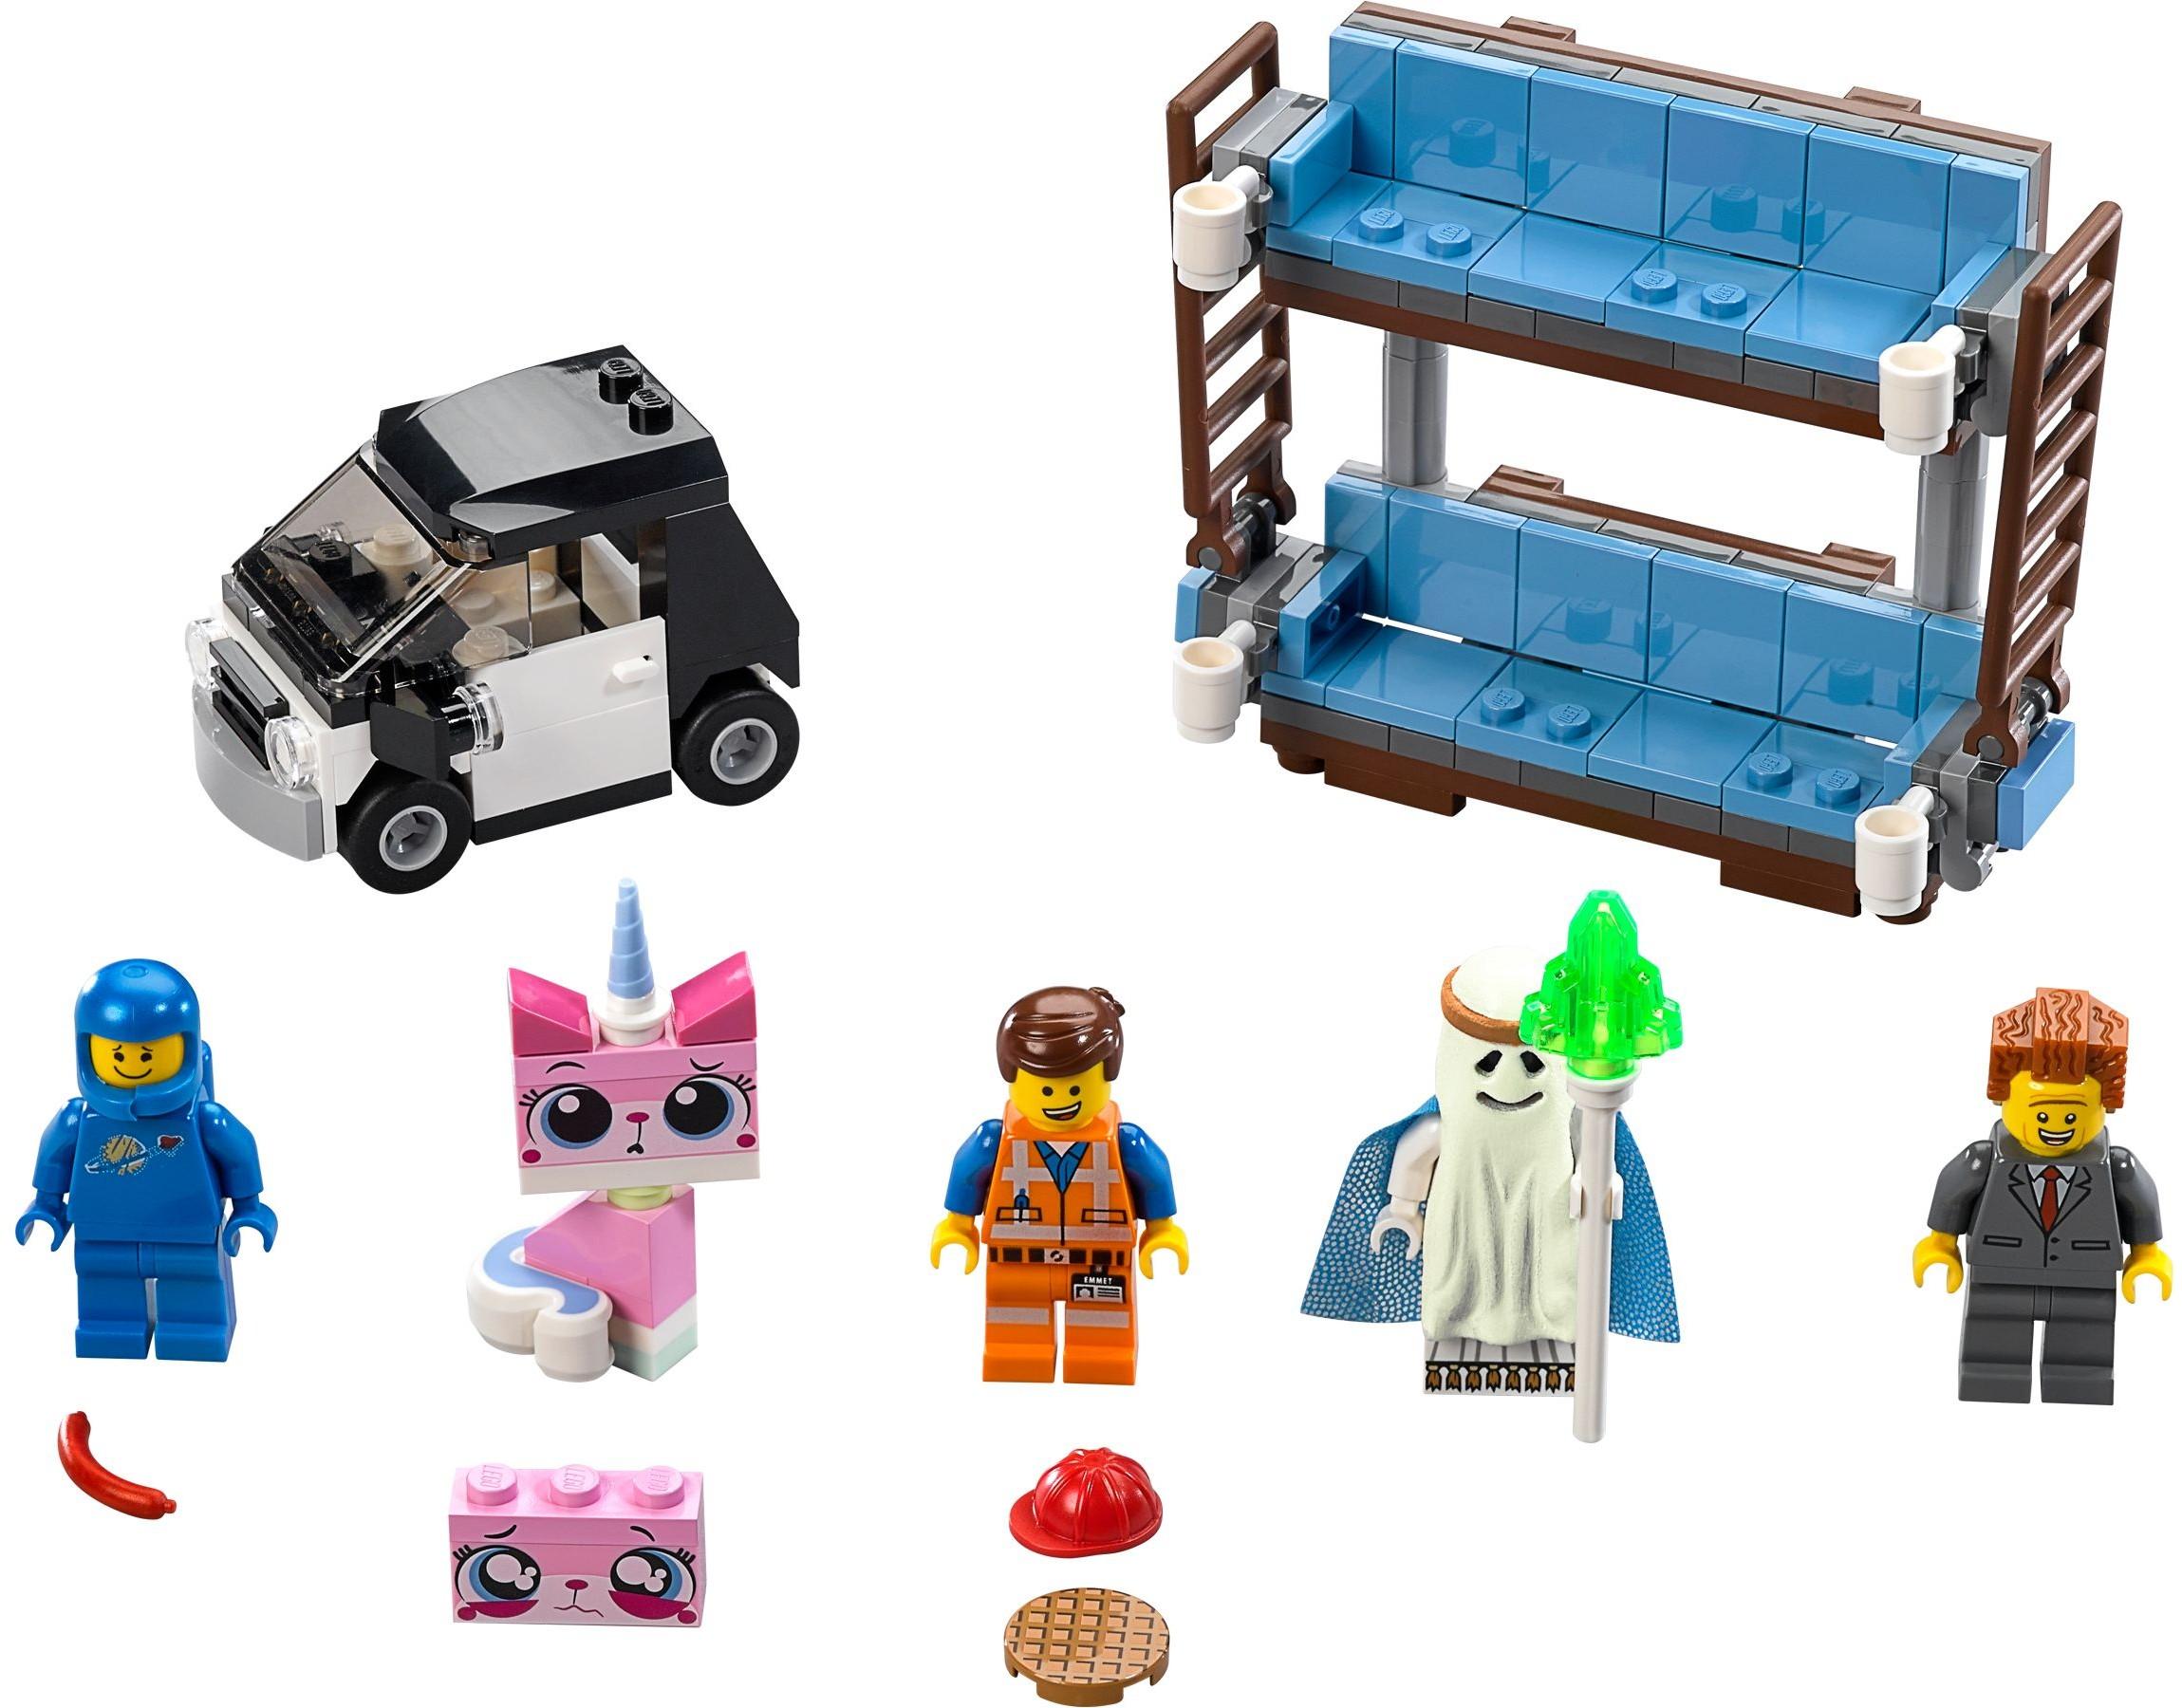 the lego movie brickset lego set guide and database. Black Bedroom Furniture Sets. Home Design Ideas